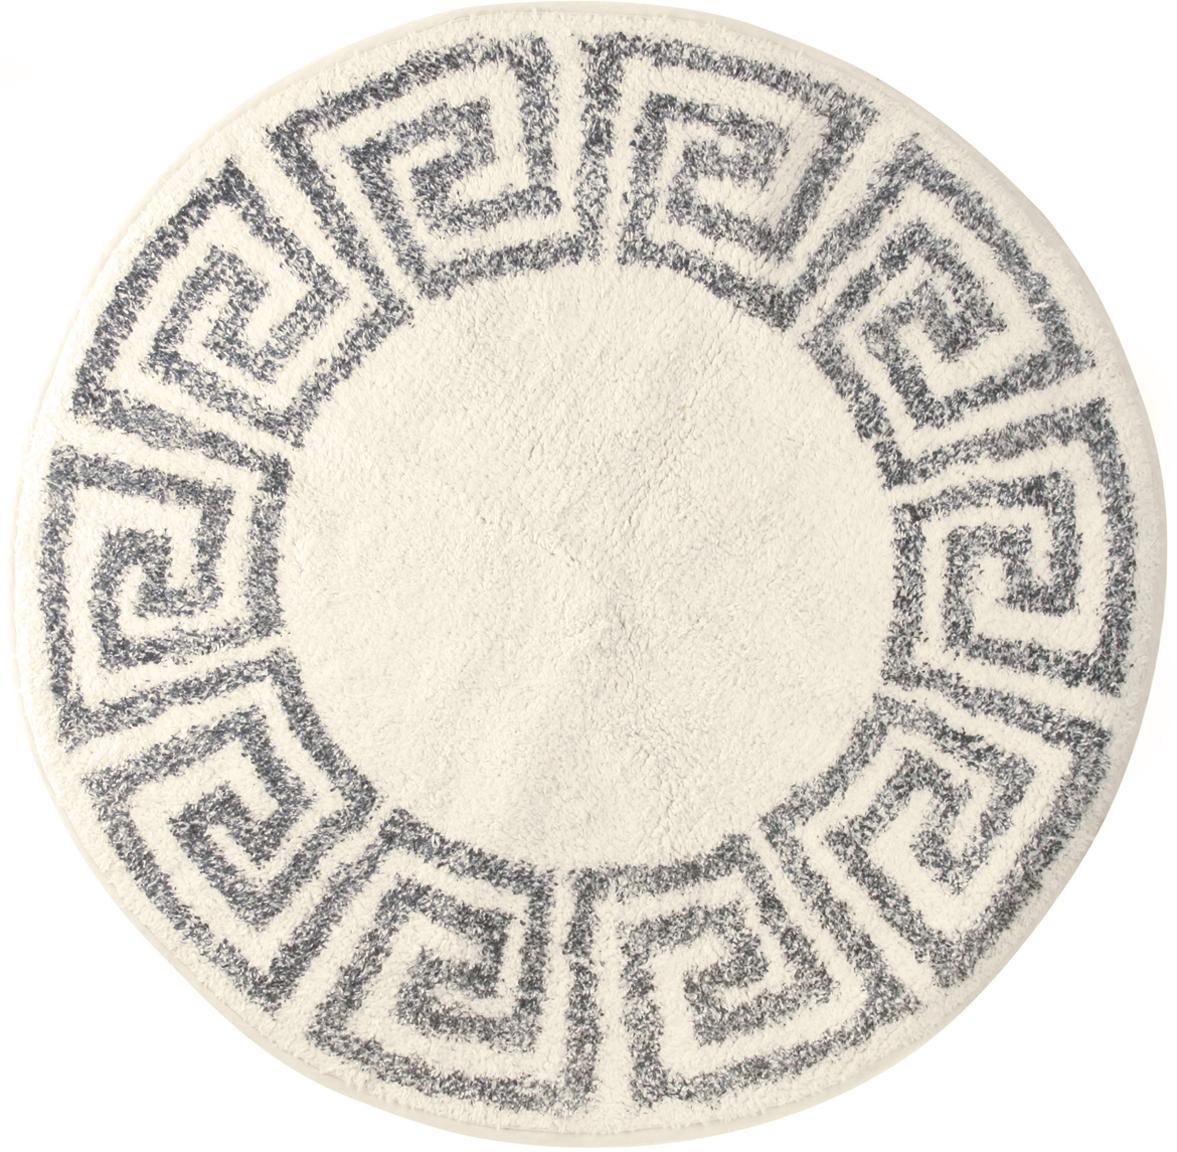 Ronde badmat Greek, Bovenzijde: katoen, Onderzijde: siliconen, Crèmekleurig, grijs, Ø 120 cm